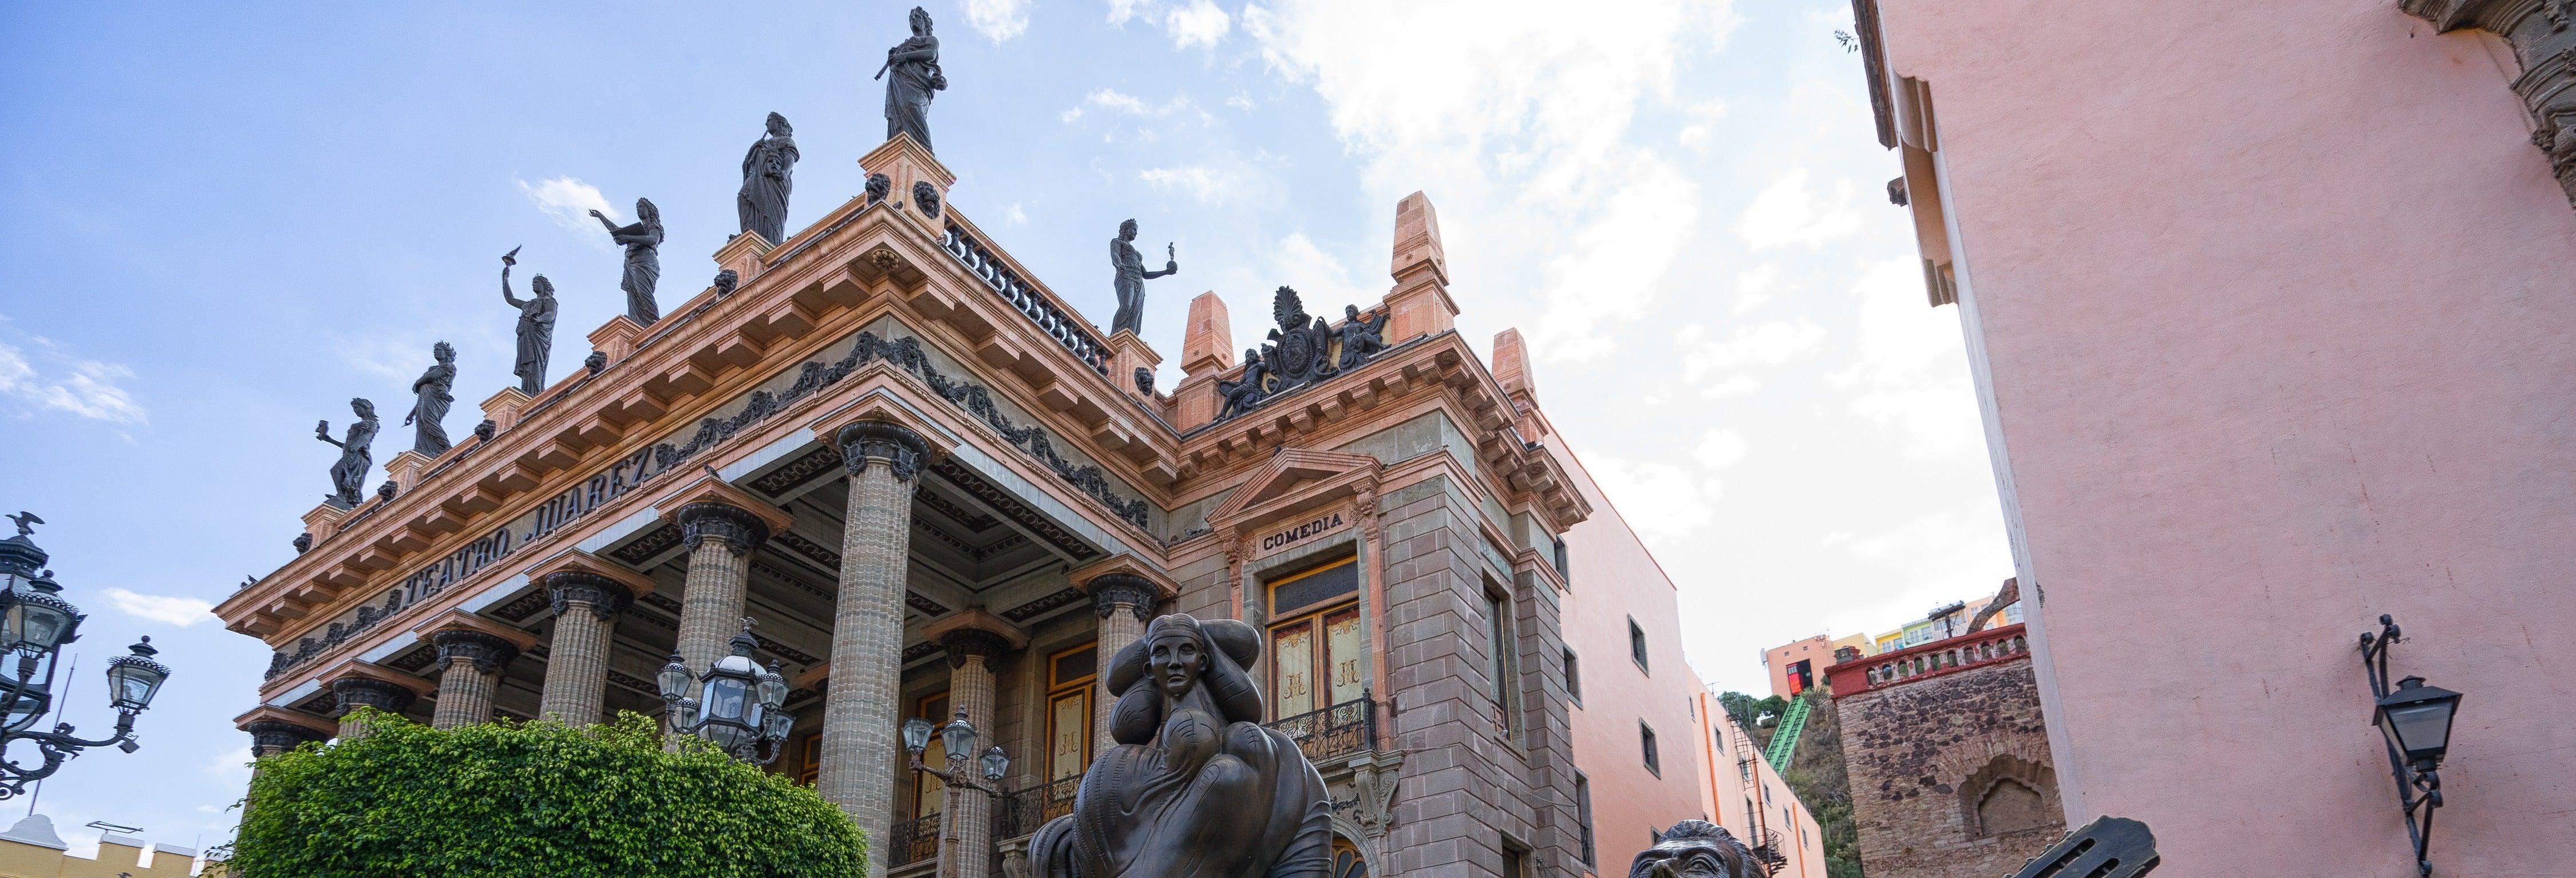 Tour por Guanajuato + Museo de las Momias desde Guanajuato